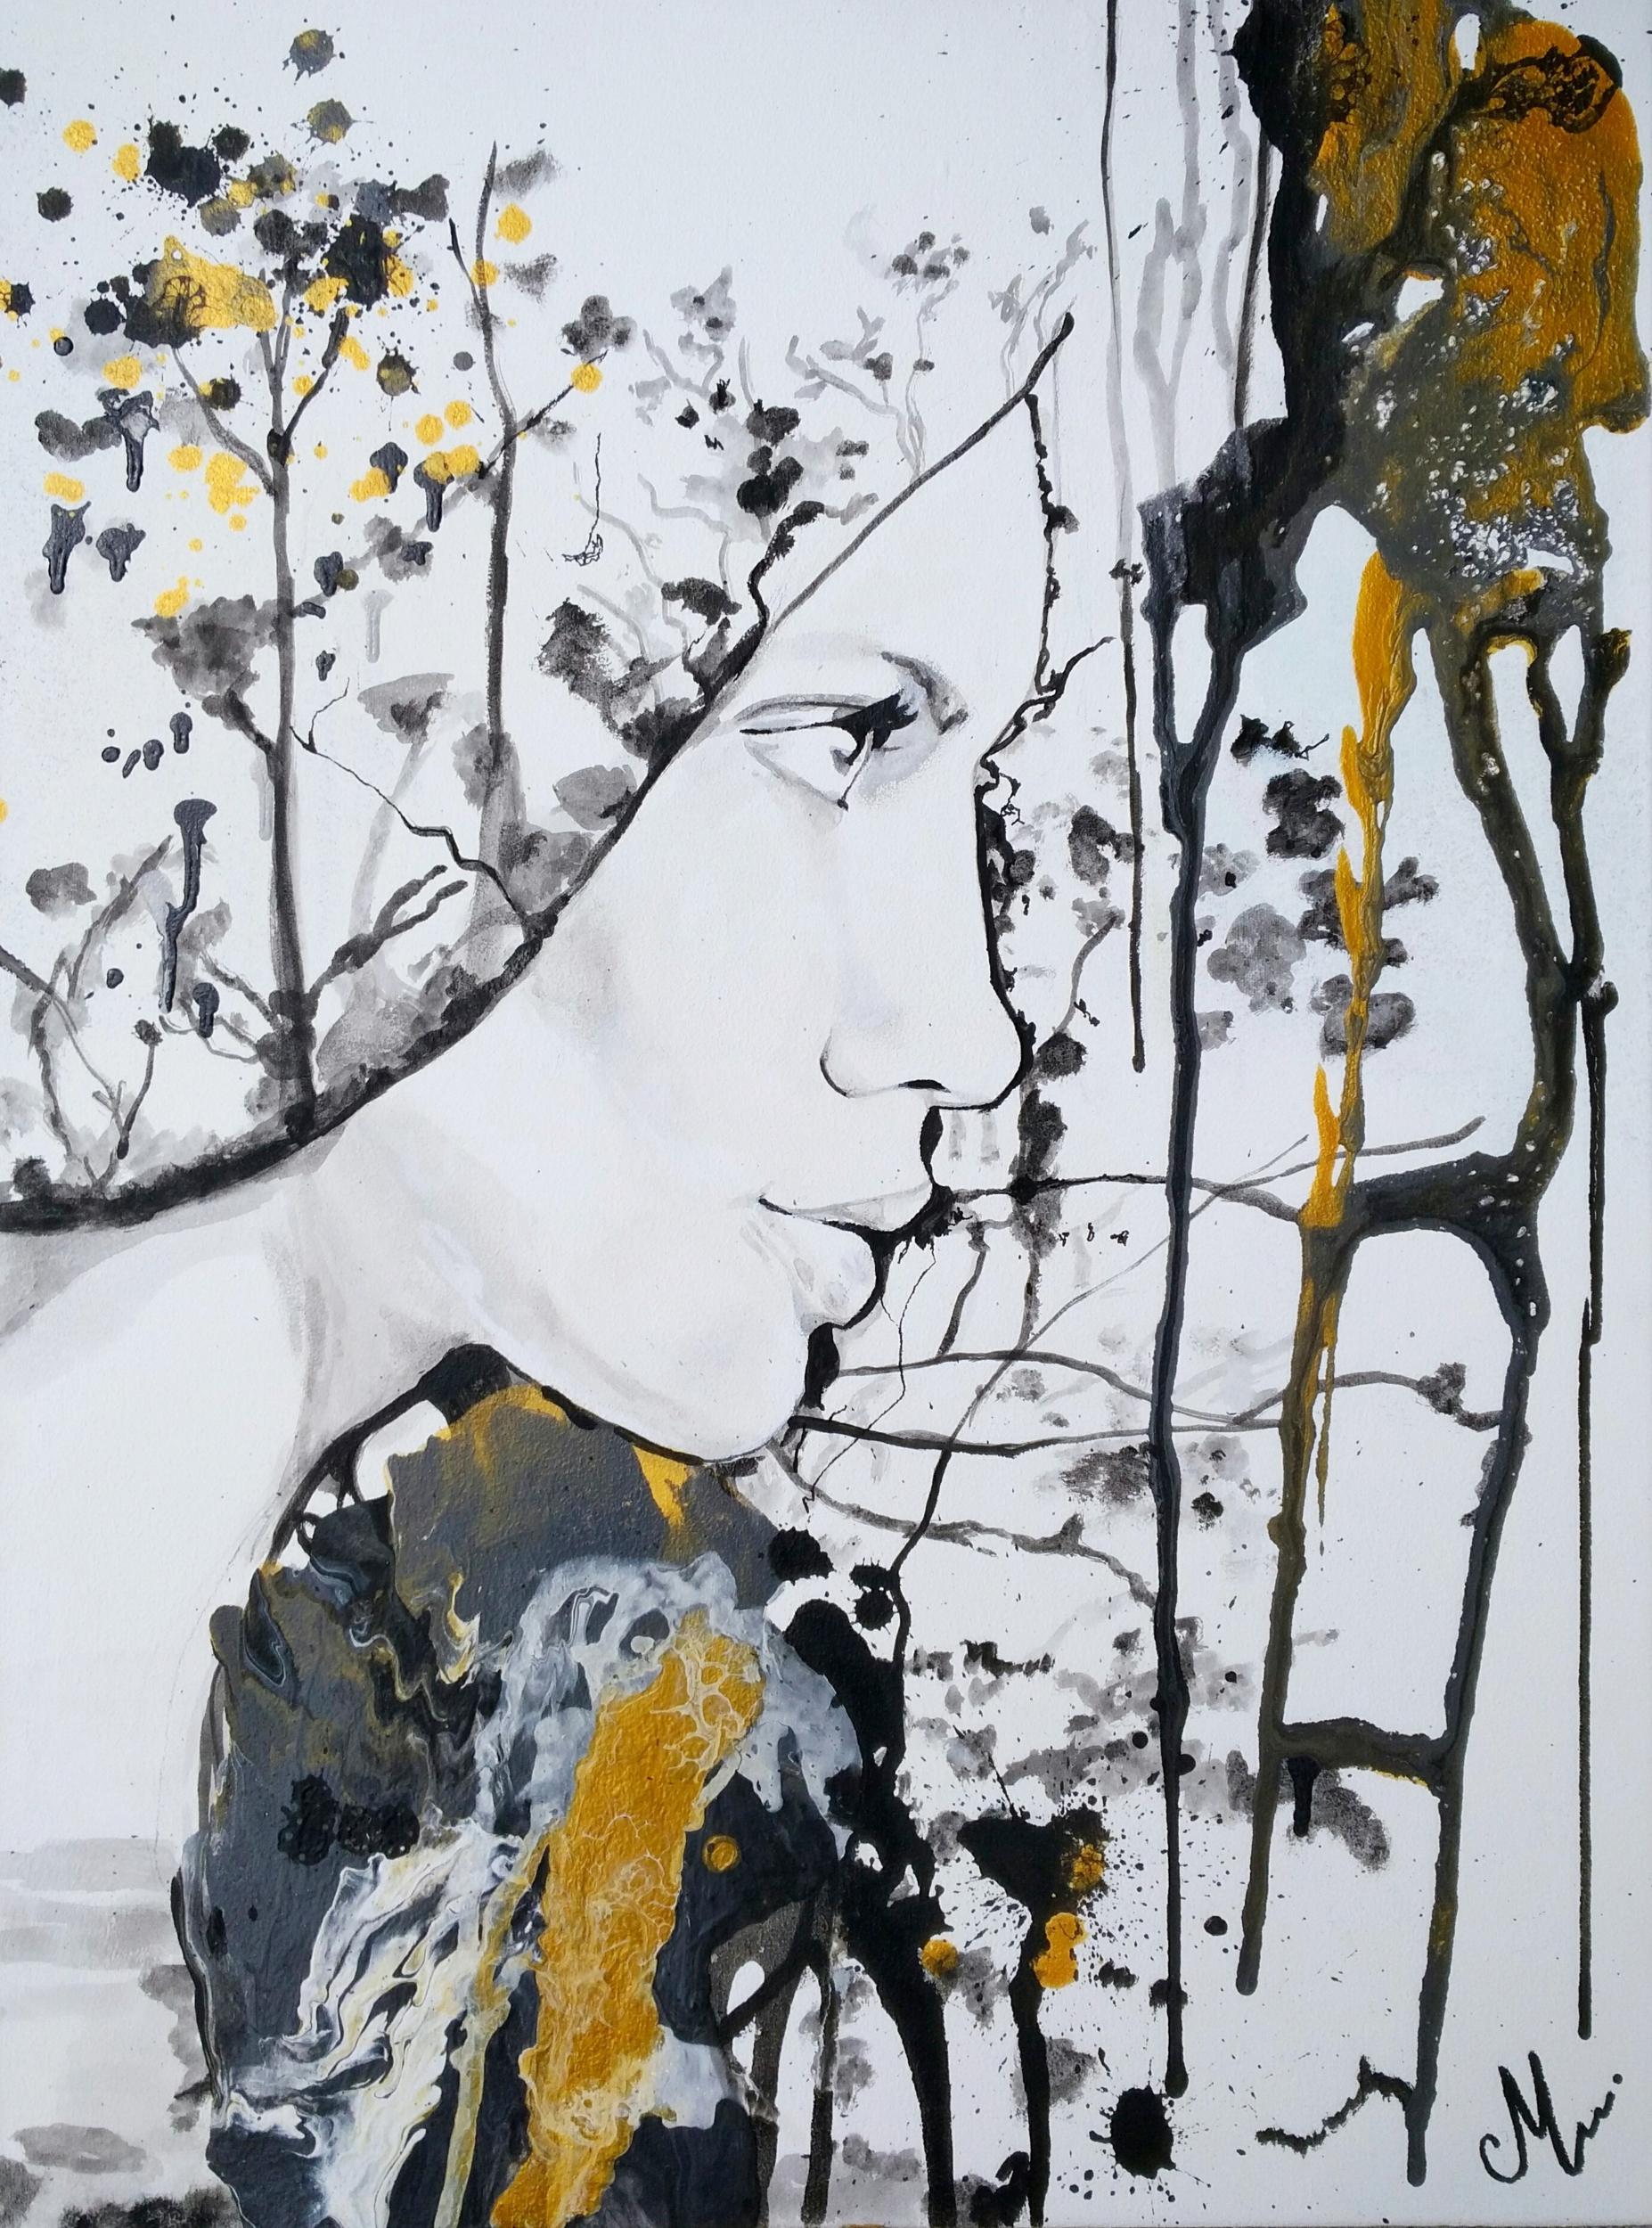 affiche noir blanc doré femme artiste